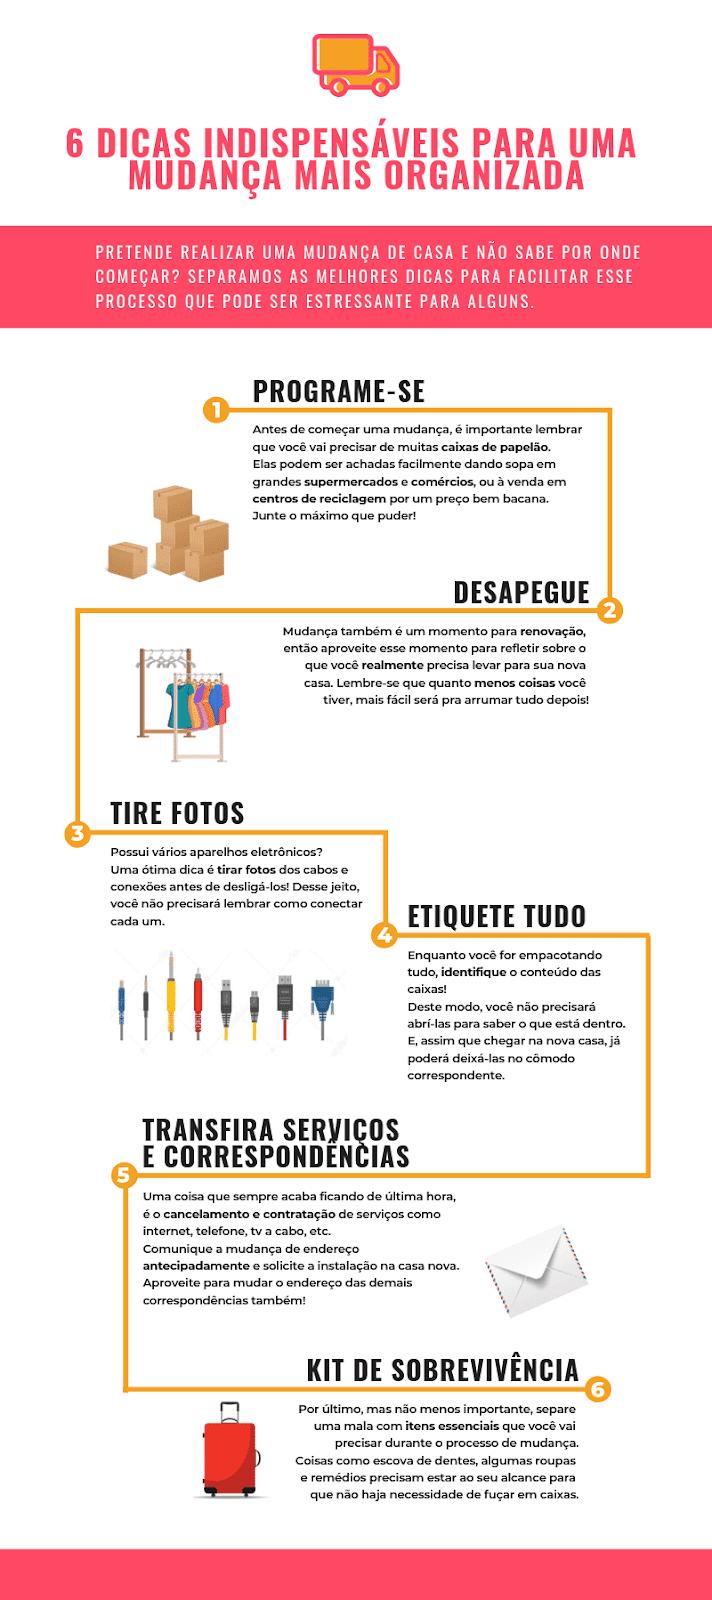 6 dicas indispensáveis para realizar uma mudança mais organizada